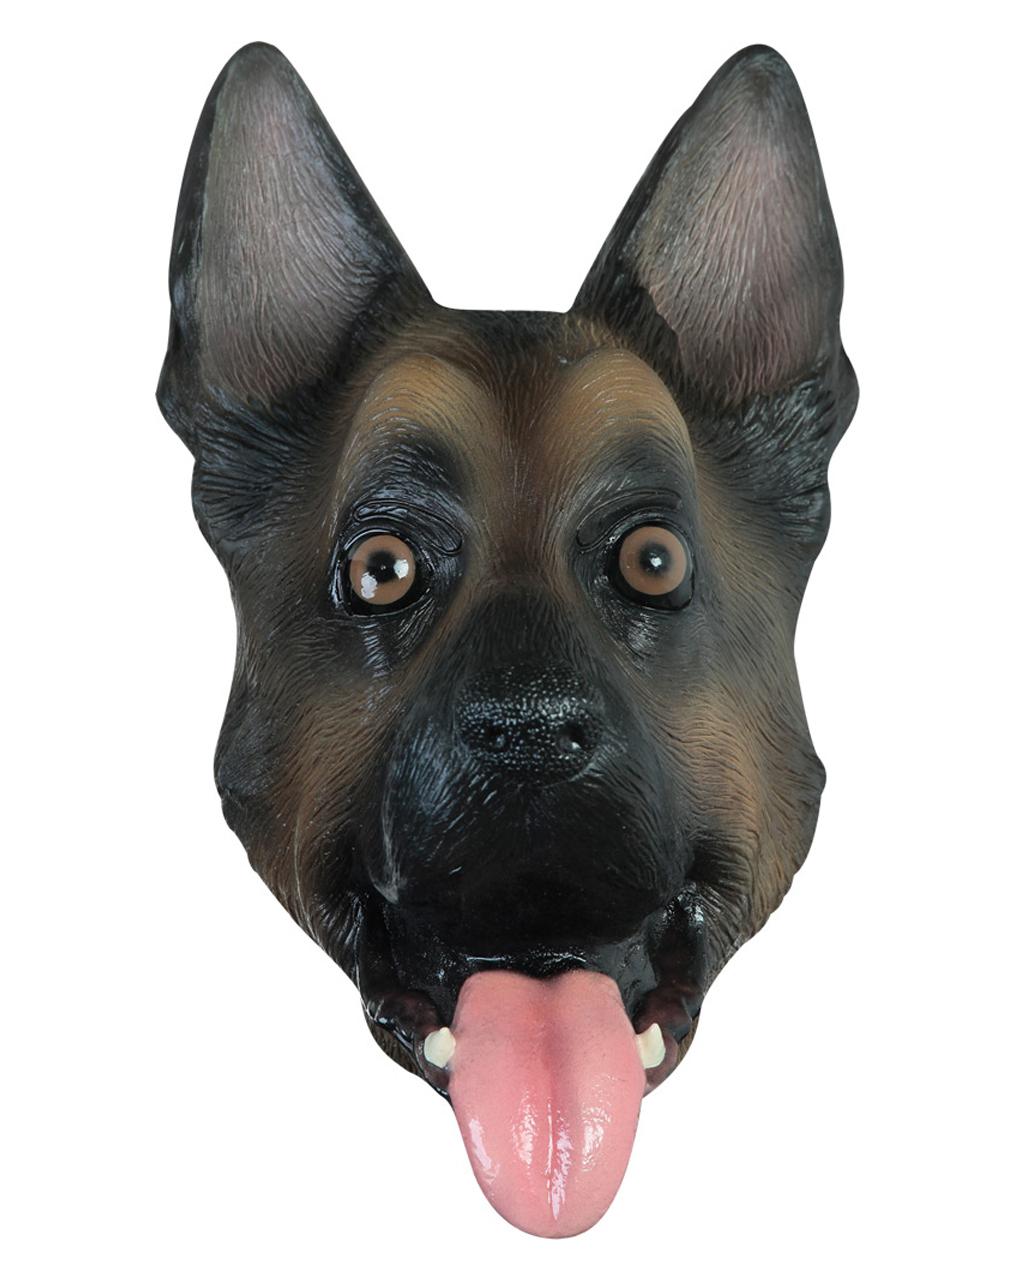 bester Wert Super Rabatt verschiedene Arten von Deutscher Schäferhund Maske